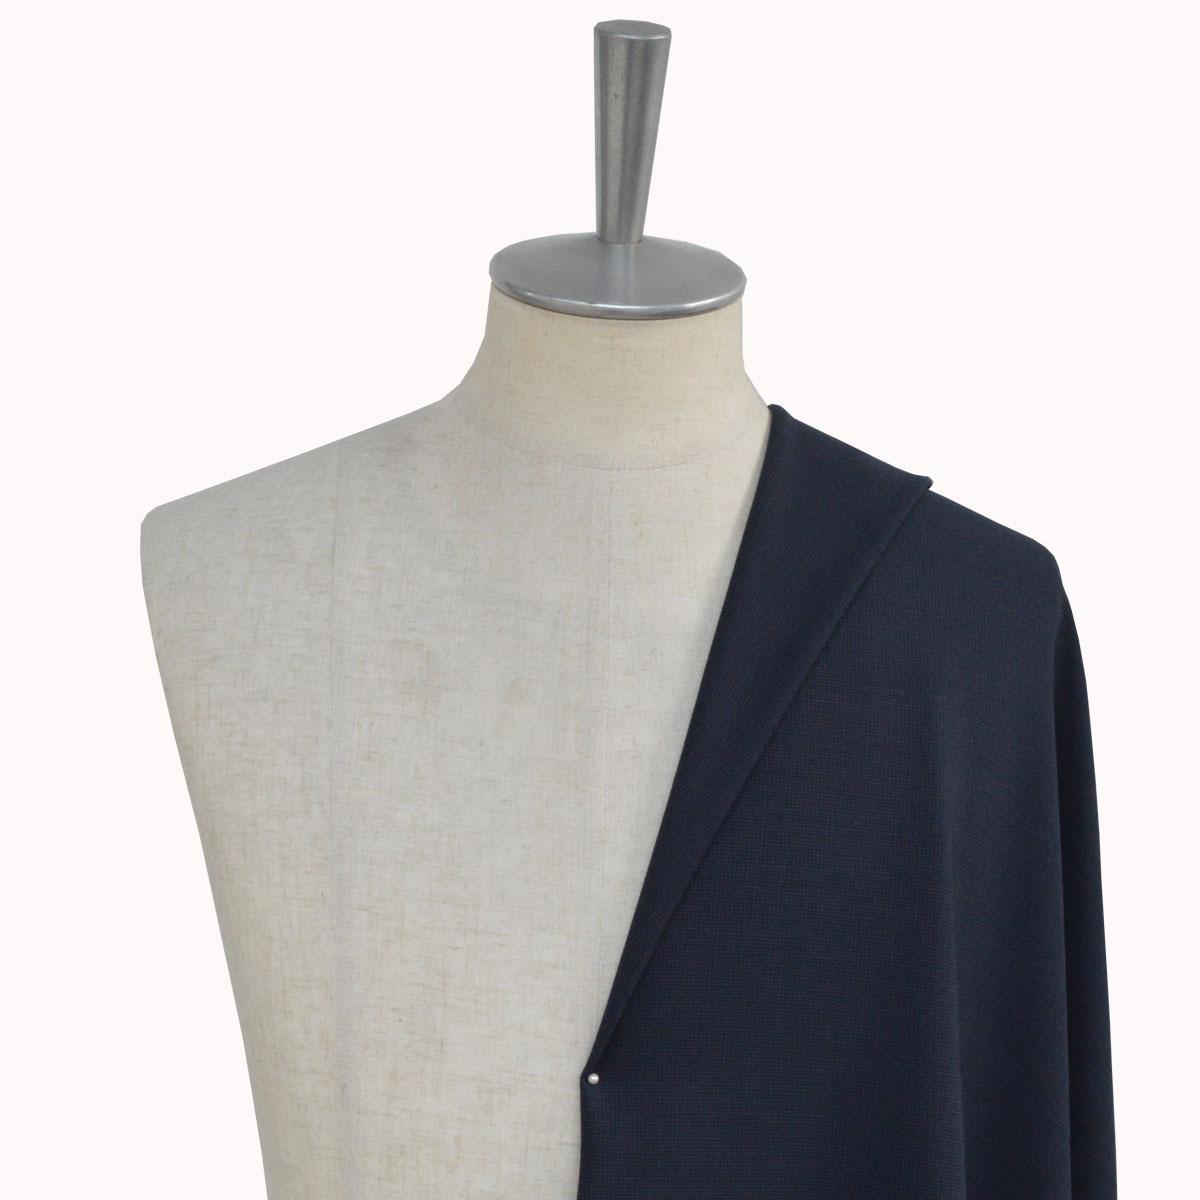 [オーダーレディーススーツ スカートセット]【COOL MAX】夏に一押しの涼しいネイビースーツ!